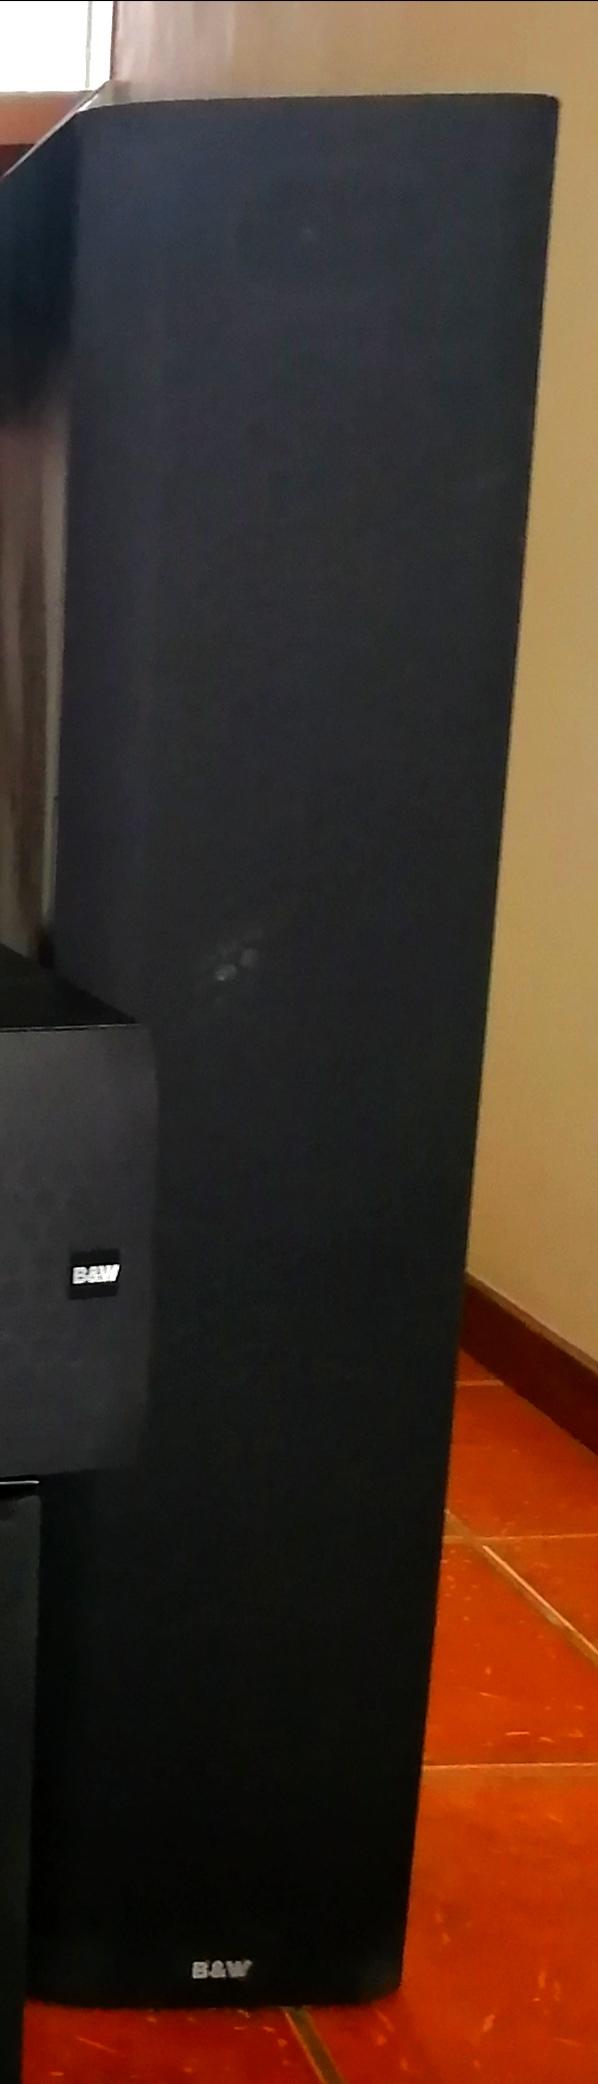 B&W Surround speaker system